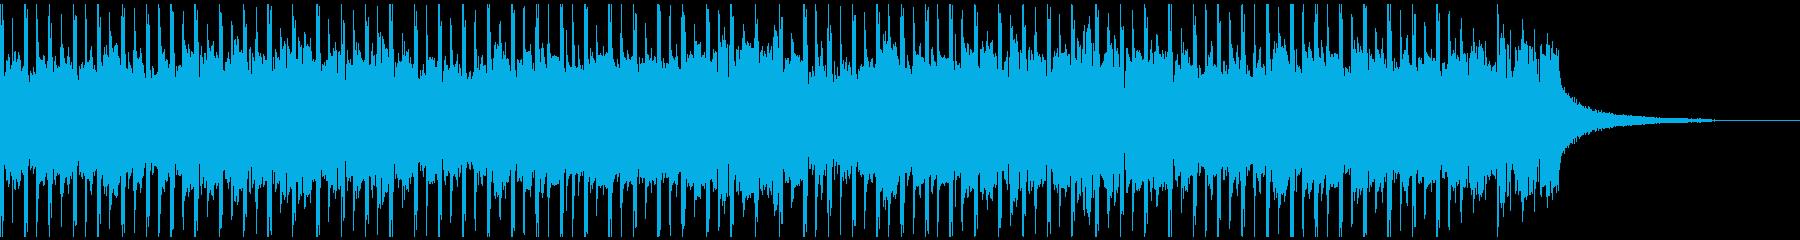 テクノロジー企業の背景(30秒)の再生済みの波形